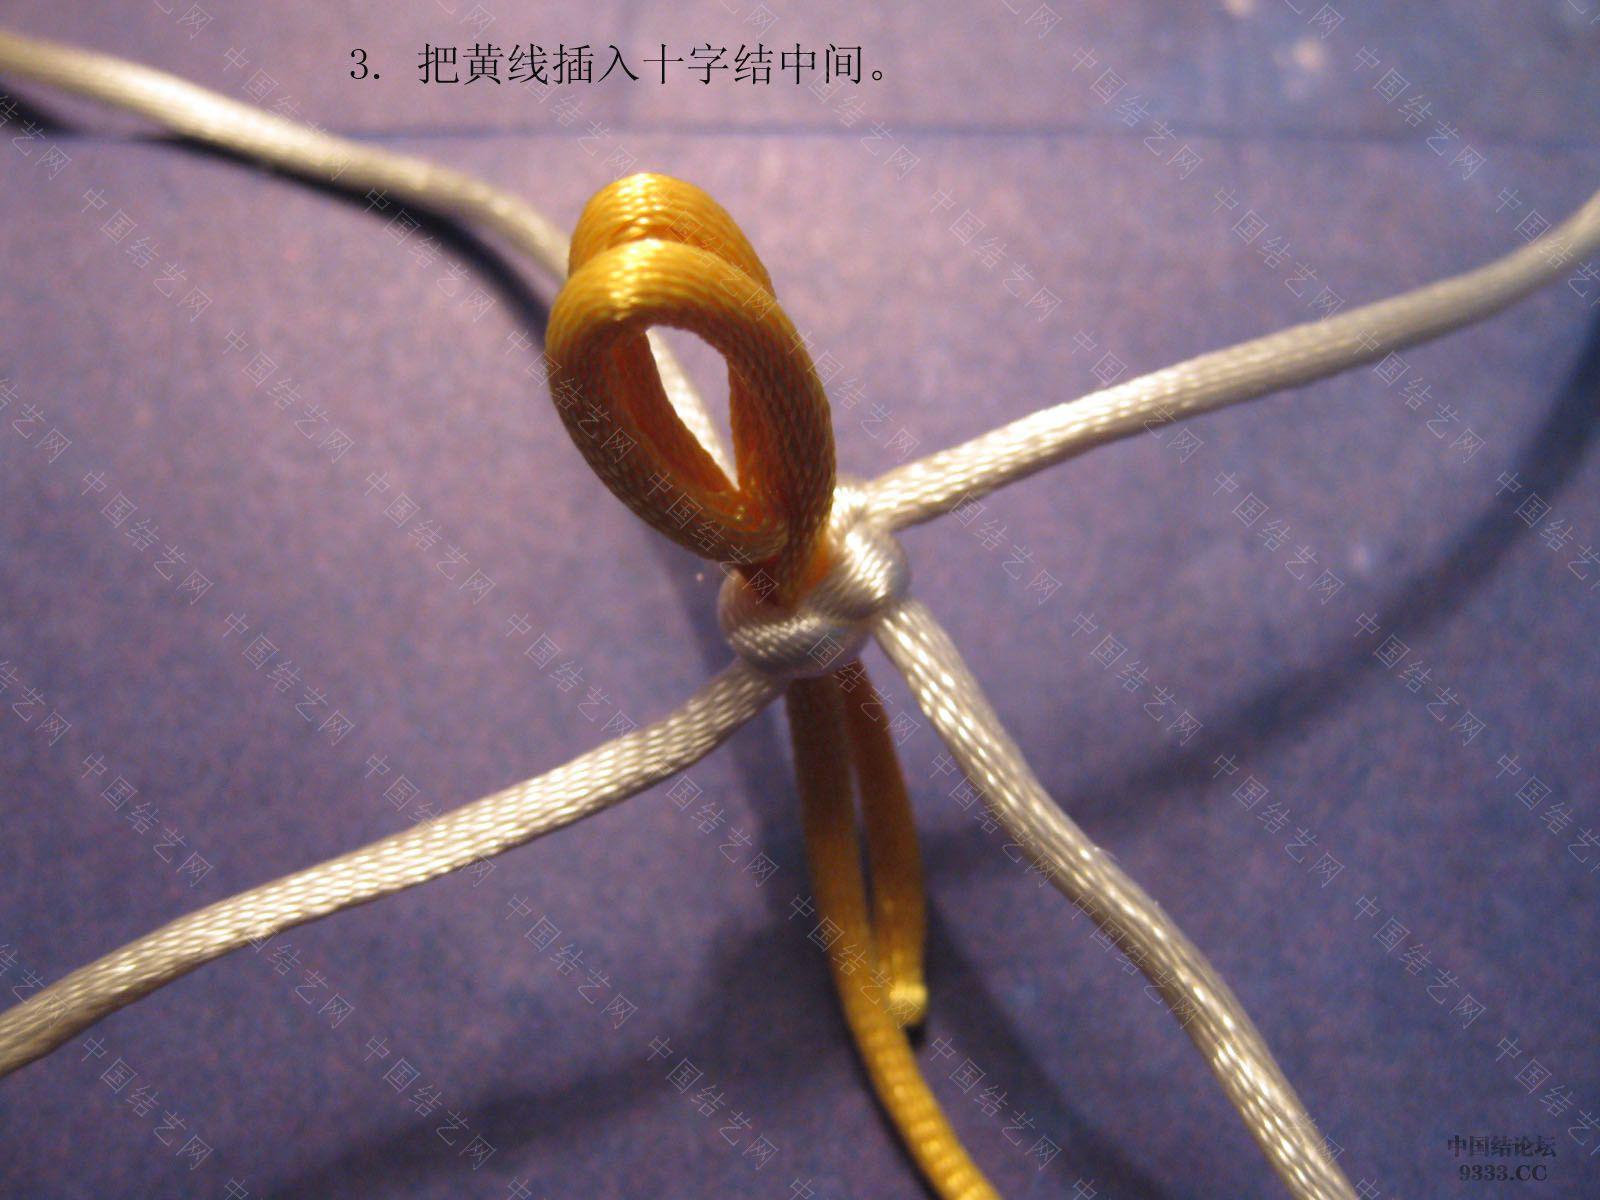 中国结论坛 学习一米老师编的天鹅的图文教程  立体绳结教程与交流区 0910261359ea86d952f18554f1